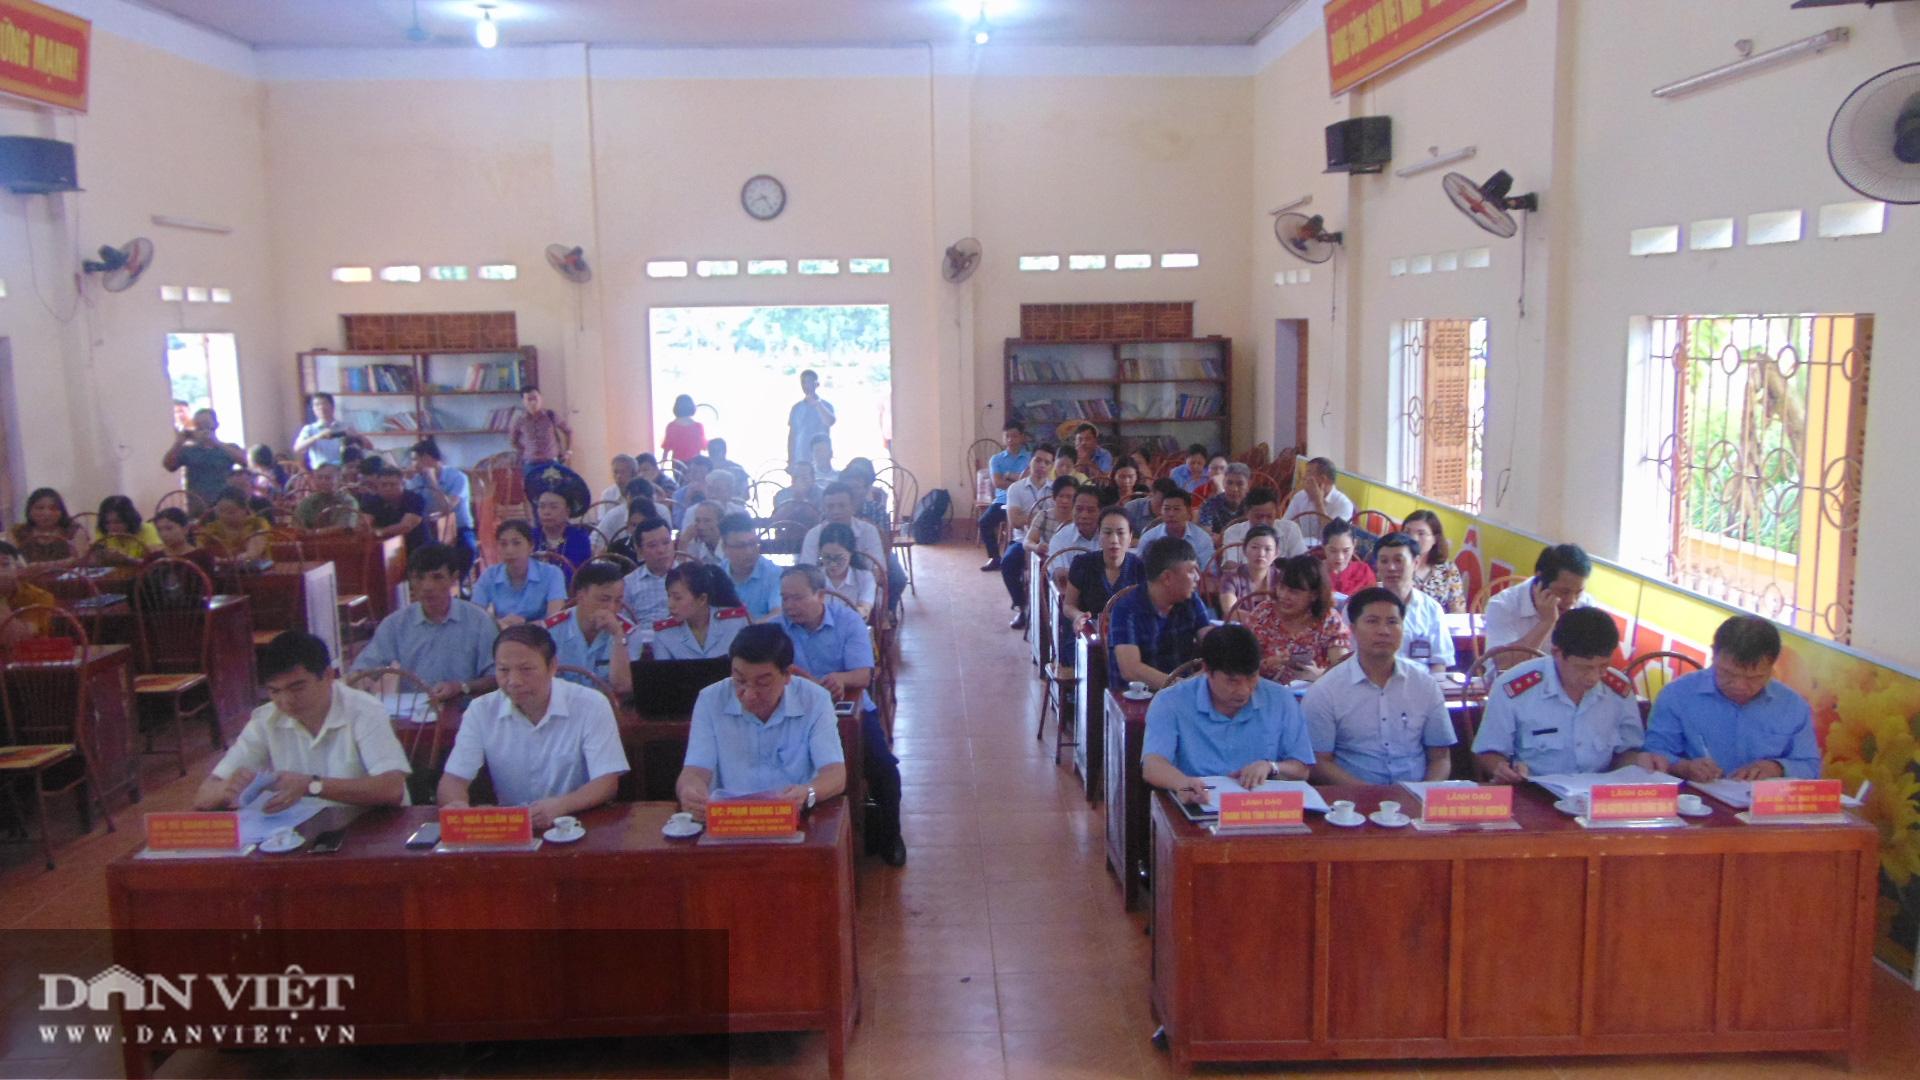 Thái Nguyên: UBND huyện yêu cầu hộ lấn chiếm trả lại đất đền Đá Thiên - Ảnh 2.